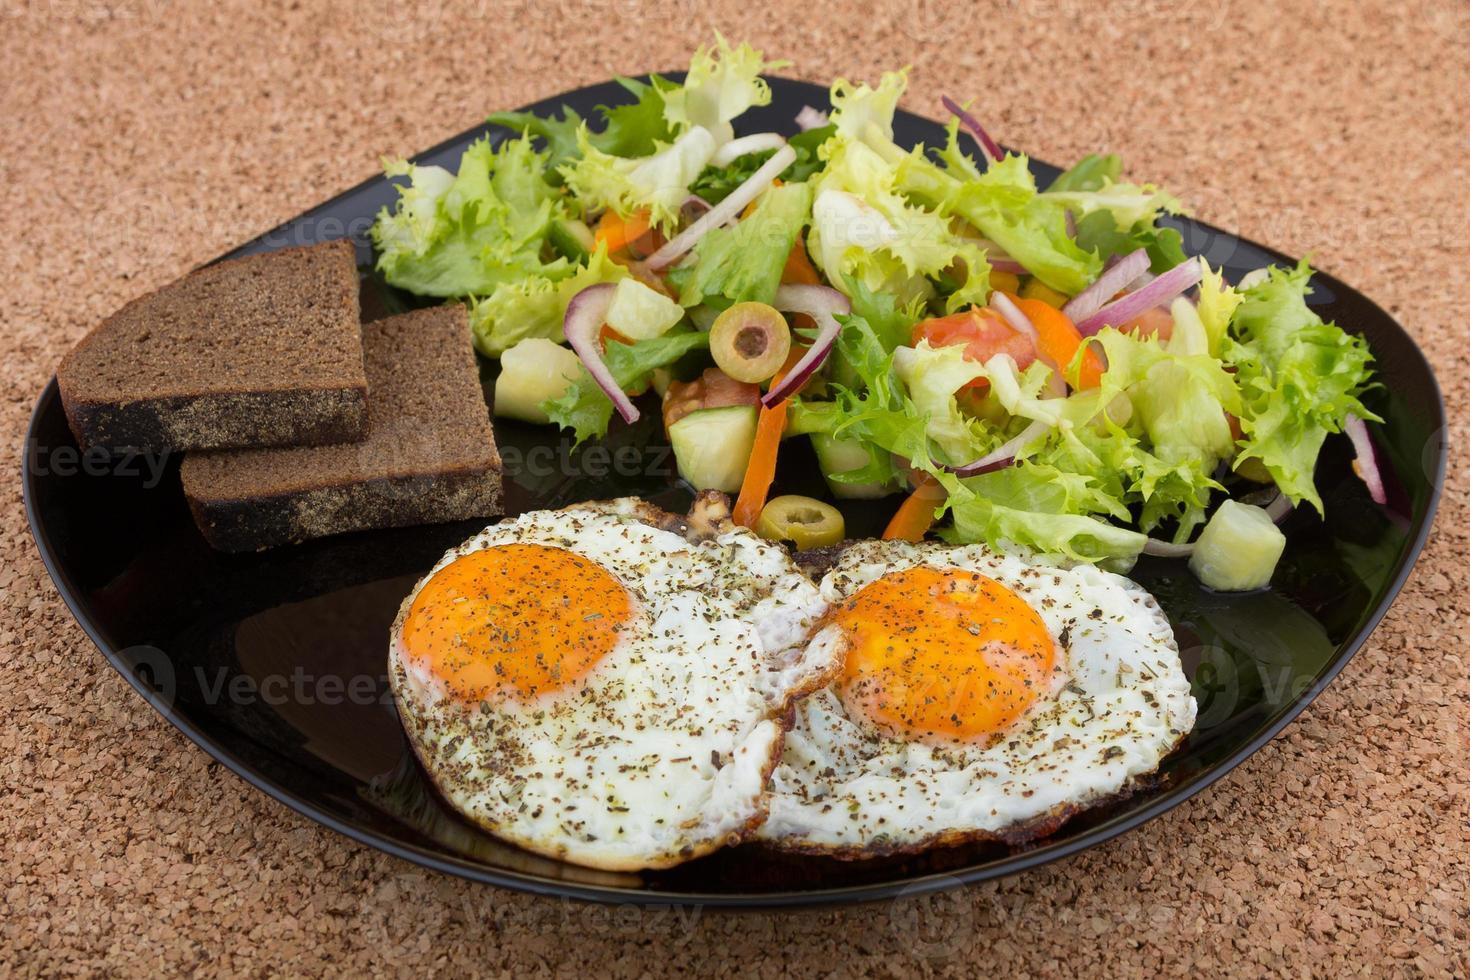 ovos fritos com salada e pão frescos foto